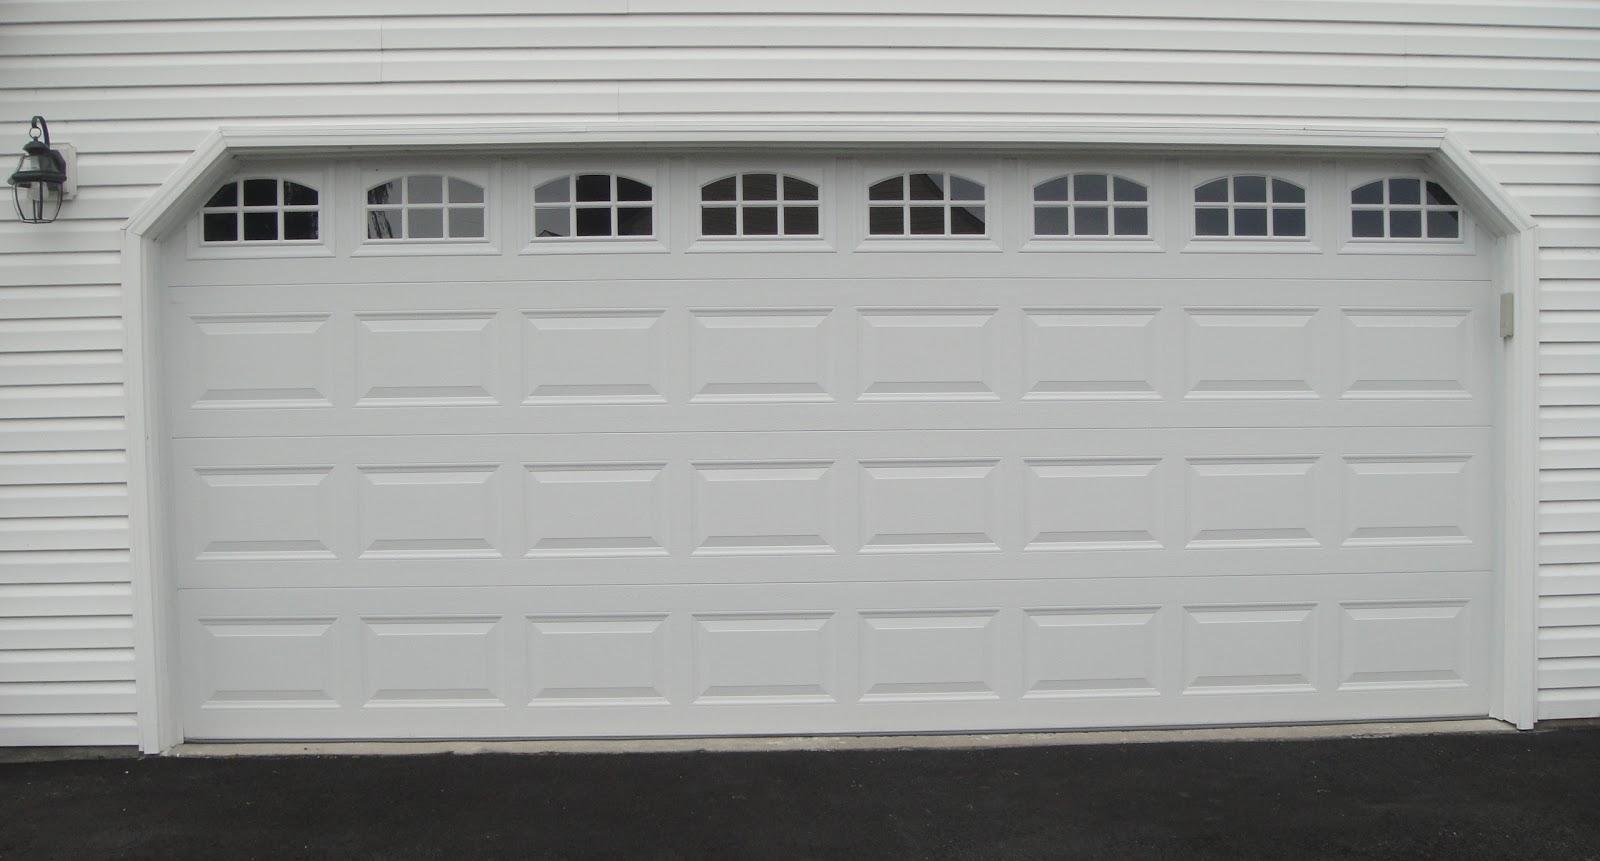 861 #505158 Garage Door Upgrade To The Mopar Motorhead Cave wallpaper 9 Garage Doors 36651600